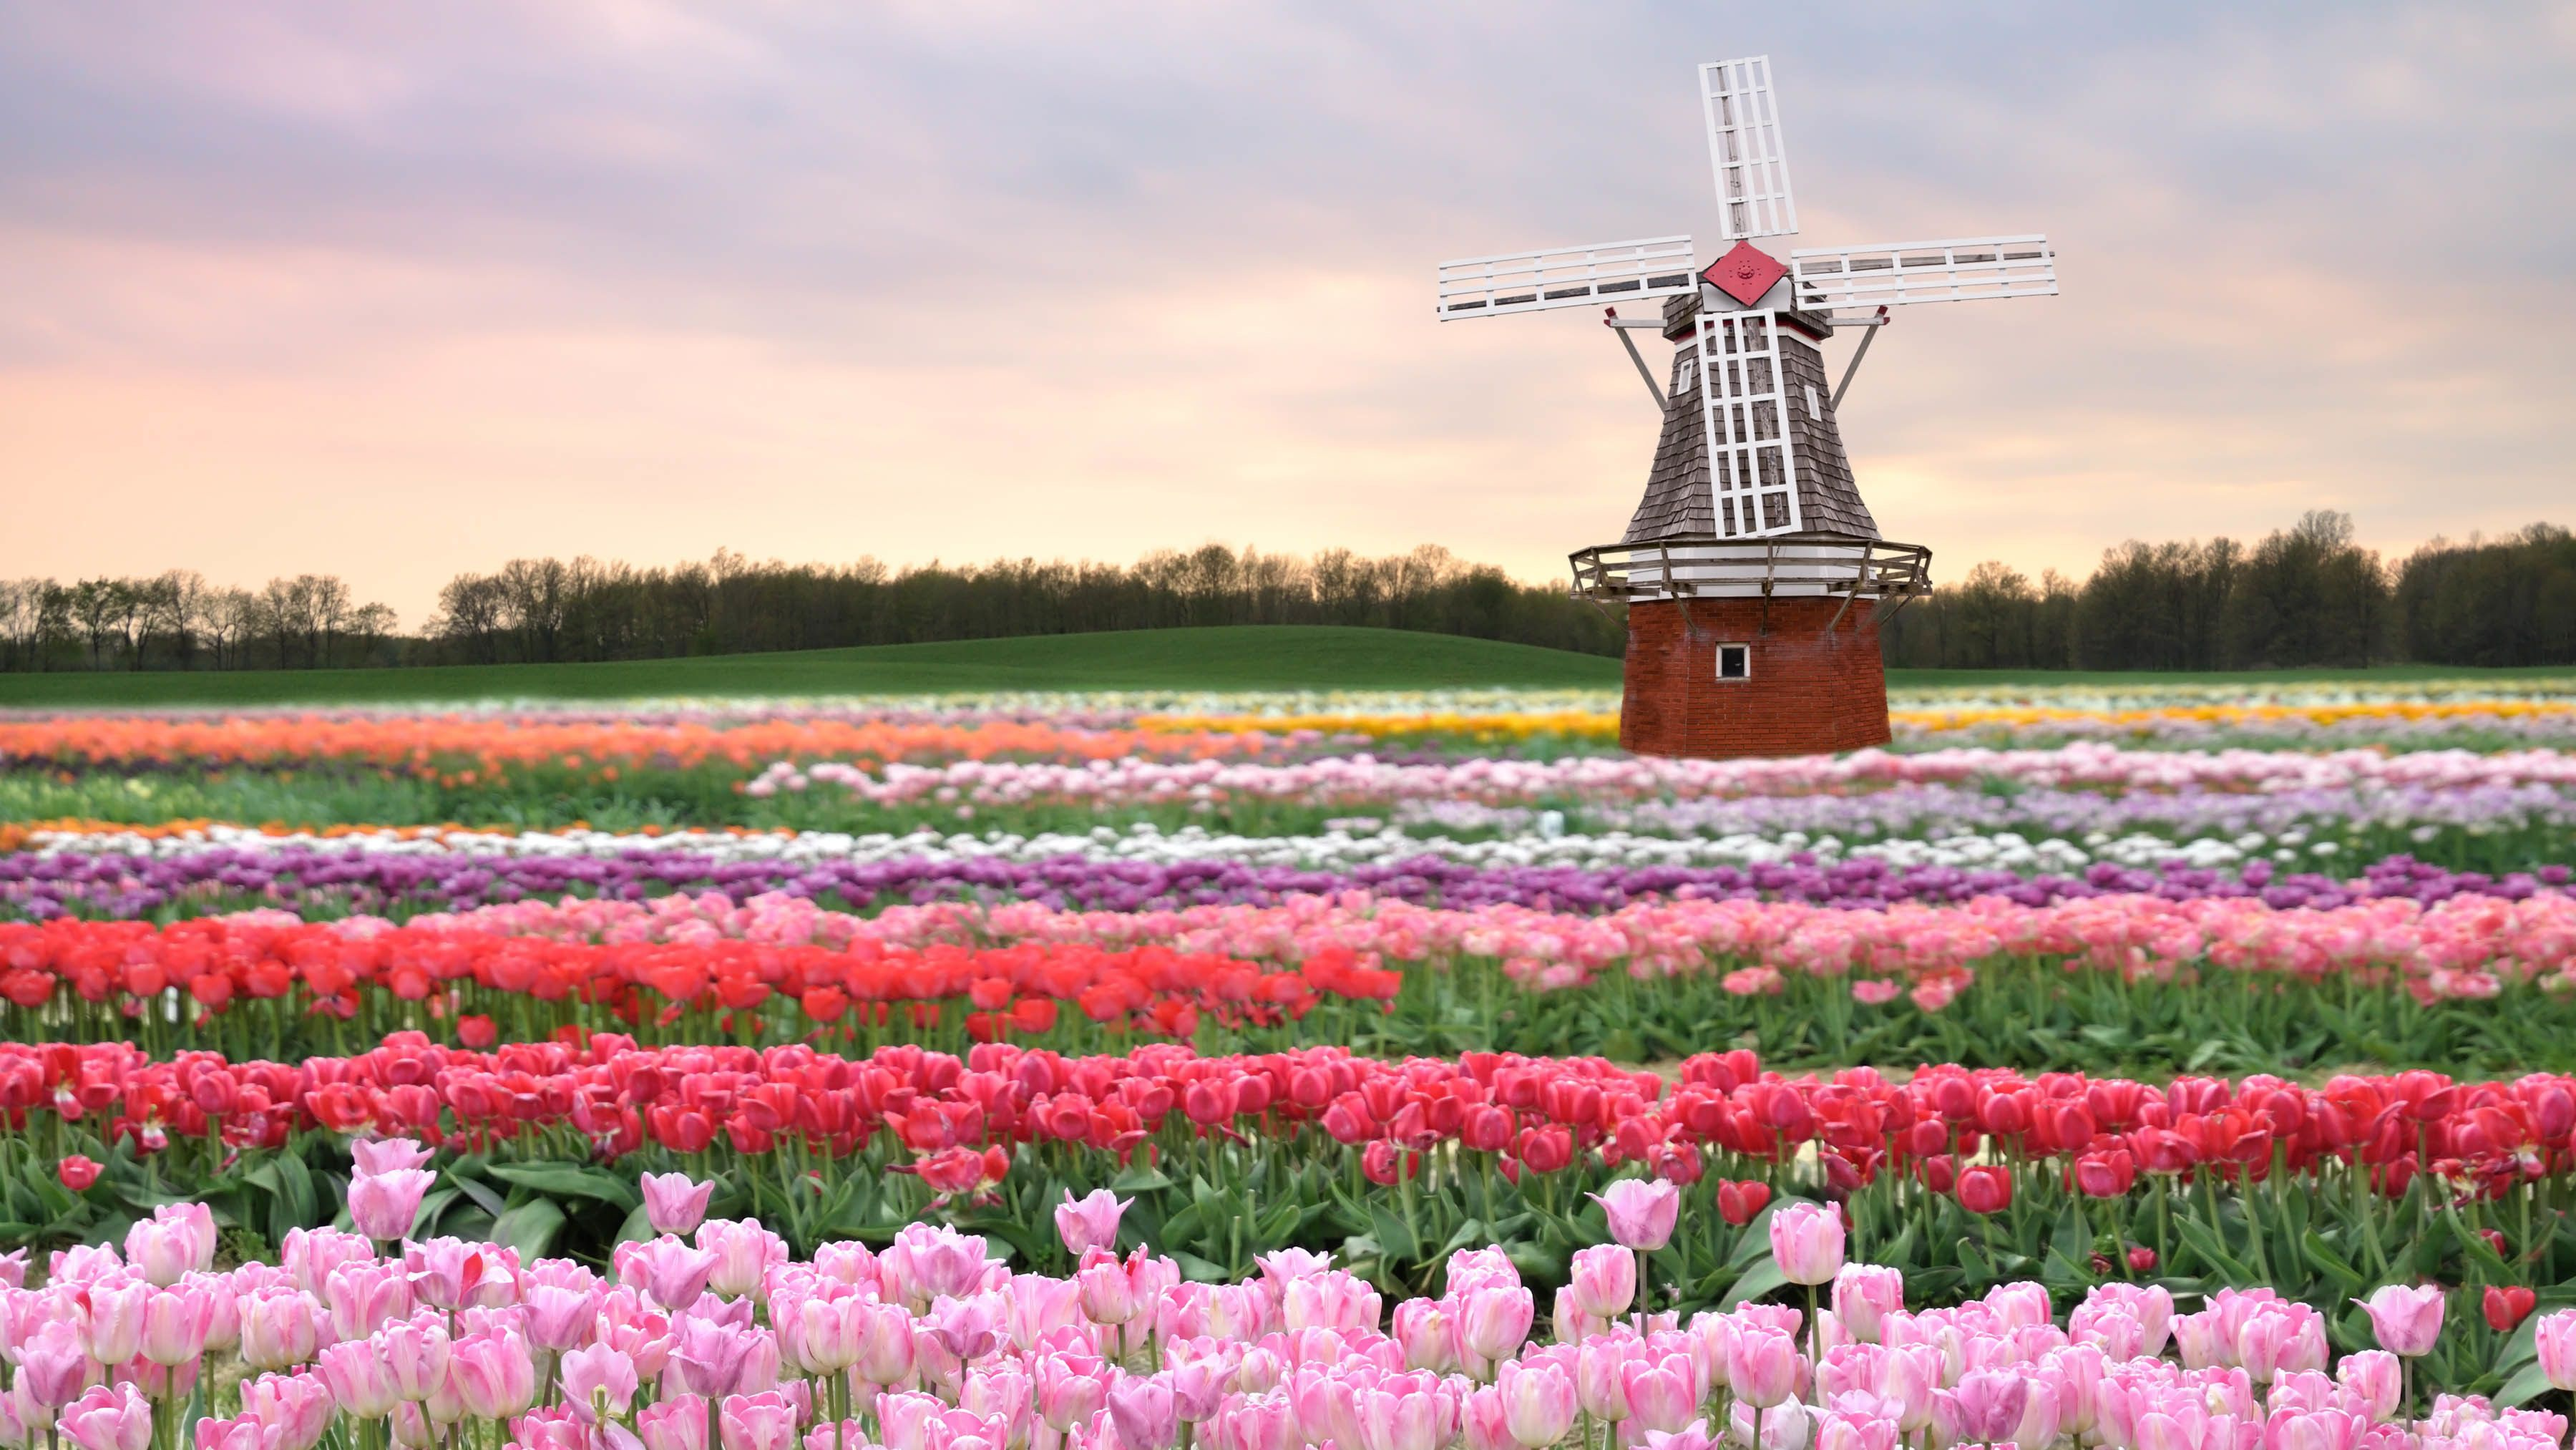 Blumenfeld in Holland mit einer Windmühle im Hintergrund